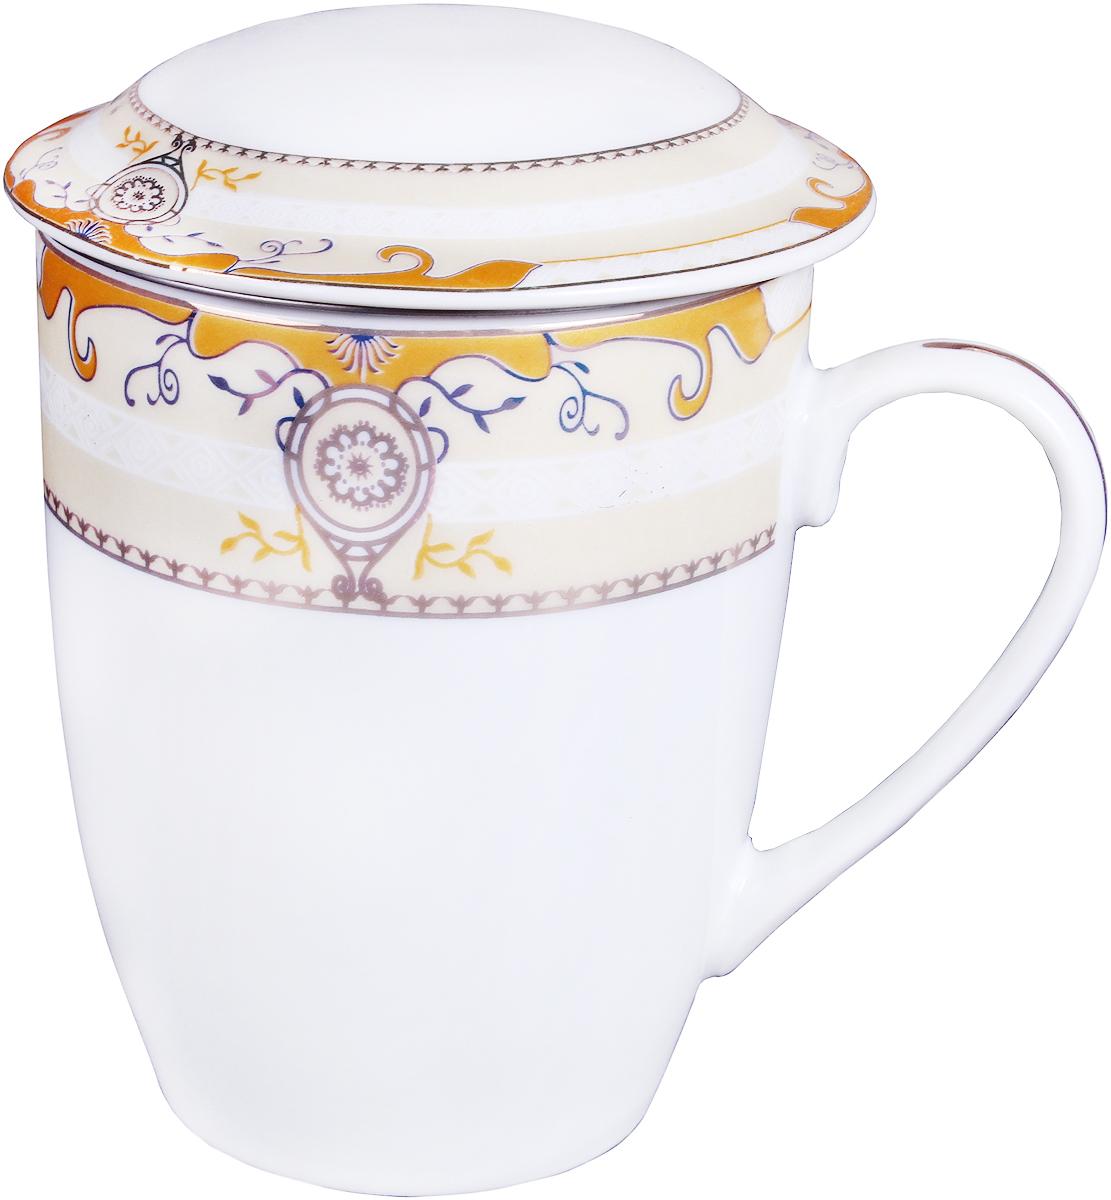 Кружка заварочная Olaff Mug Cover, с ситечком, 350 мл. LRG-MSCM-005LRG-MSCM-005Заварочная кружка Olaff Mug Cover изготовлена из фарфора. Изделие оснащено крышкой и металлическим ситечком. Благодаряситечку вы сможете заваривать чай непосредственно в кружке. Крышка дольше сохранит ваш напиток горячим.Кружка сочетает в себе оригинальный дизайн и функциональность. Благодаря такой кружке пить напитки будет еще вкуснее. Кружка Olaff Mug Cover согреет вас долгими холодными вечерами. Объем кружки: 350 мл.